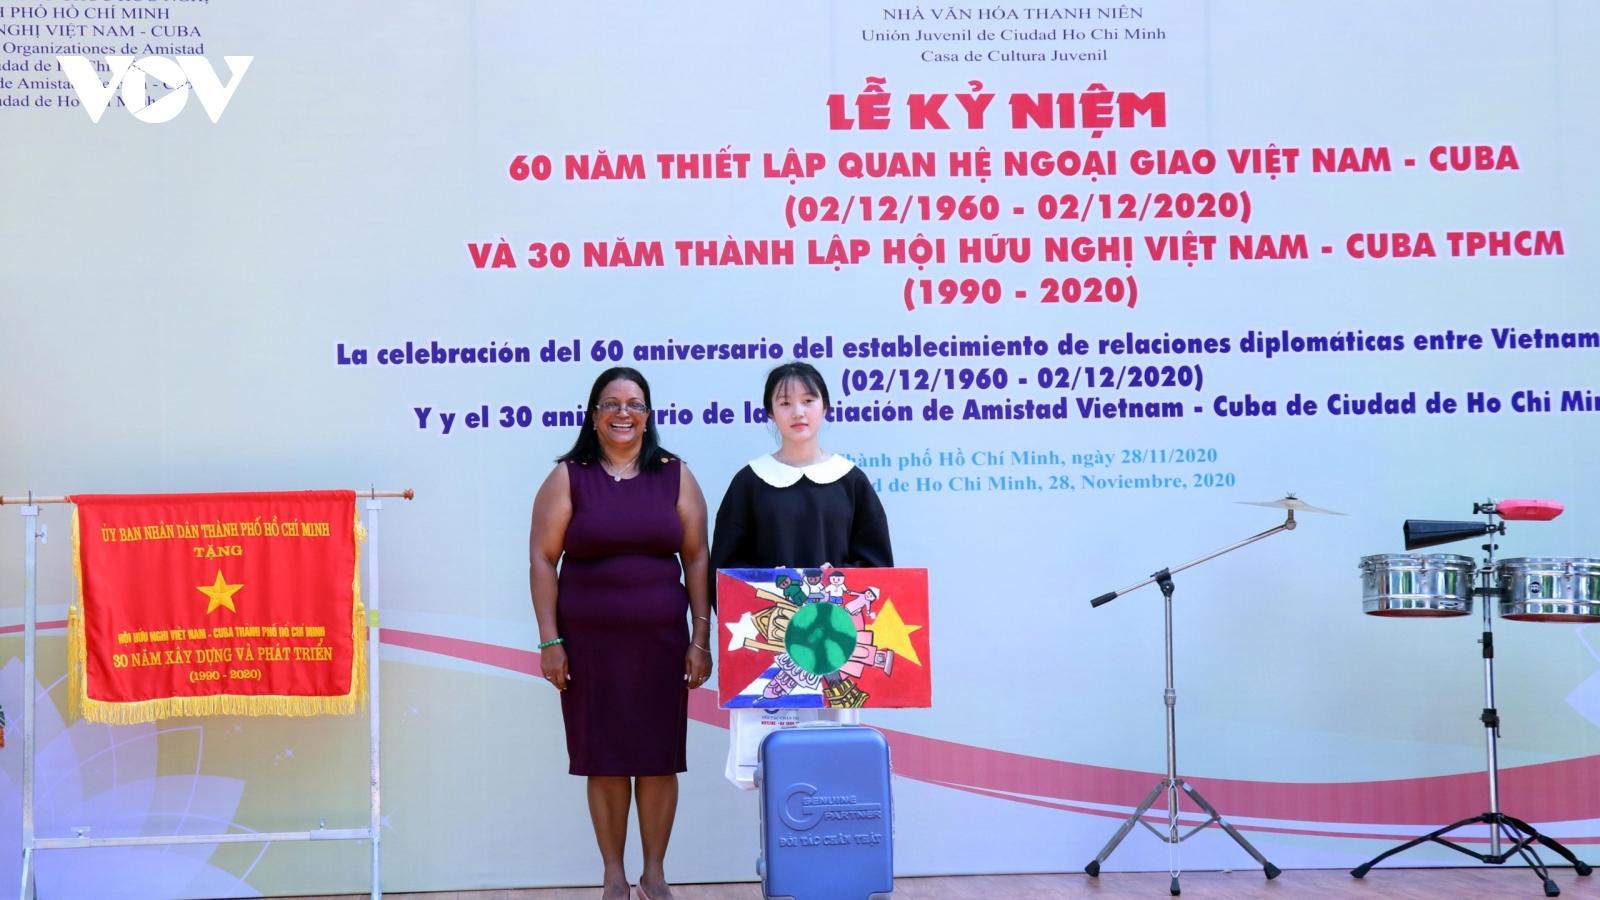 TPHCM kỷ niệm 60 năm thiết lập quan hệ ngoại giao Việt Nam - Cuba